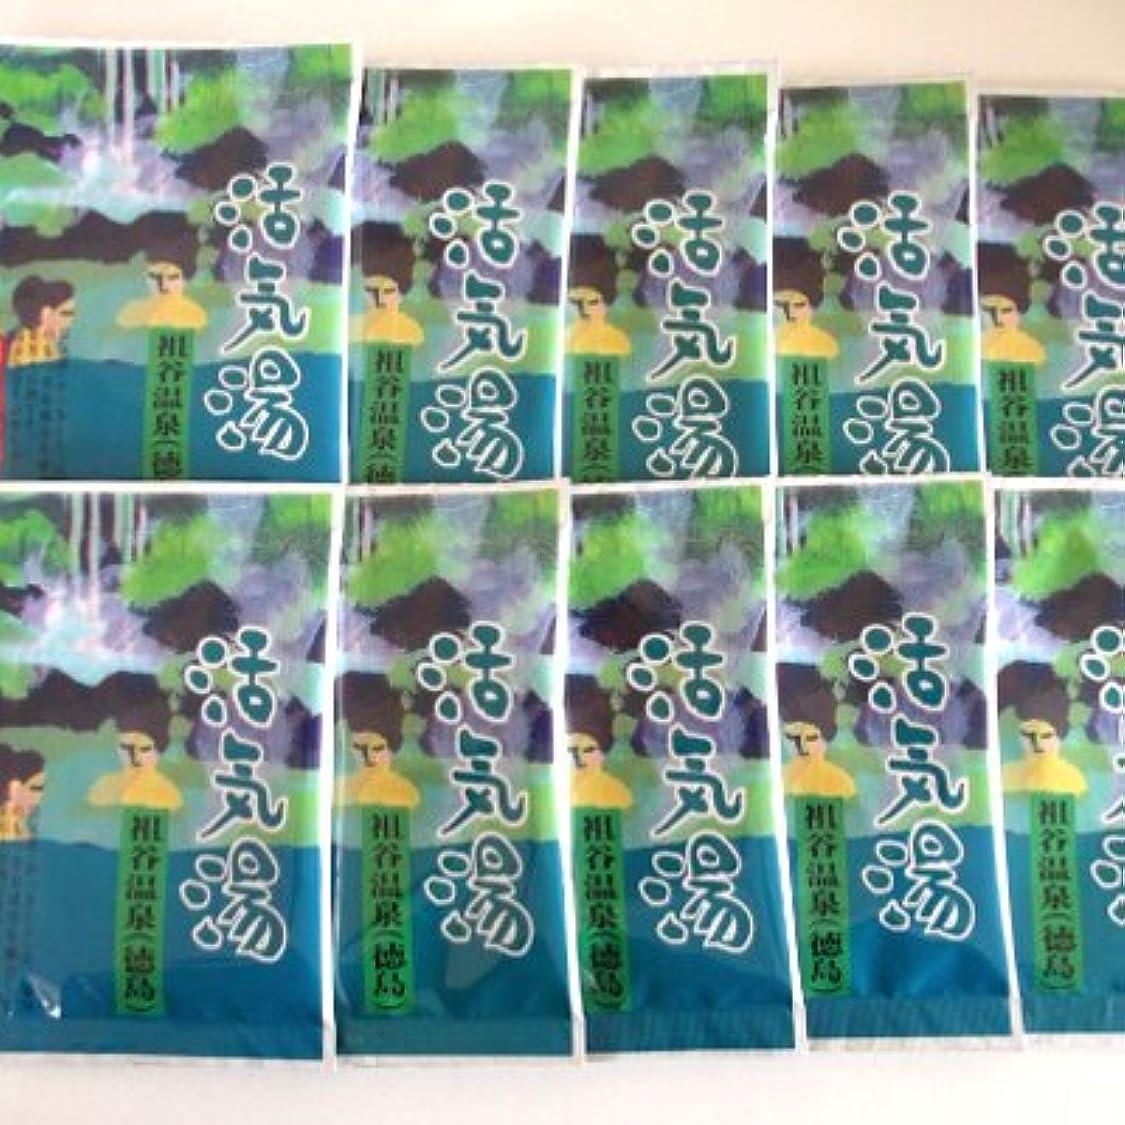 強度囲まれた配分活気湯 祖谷温泉(フローラル) 10包セット